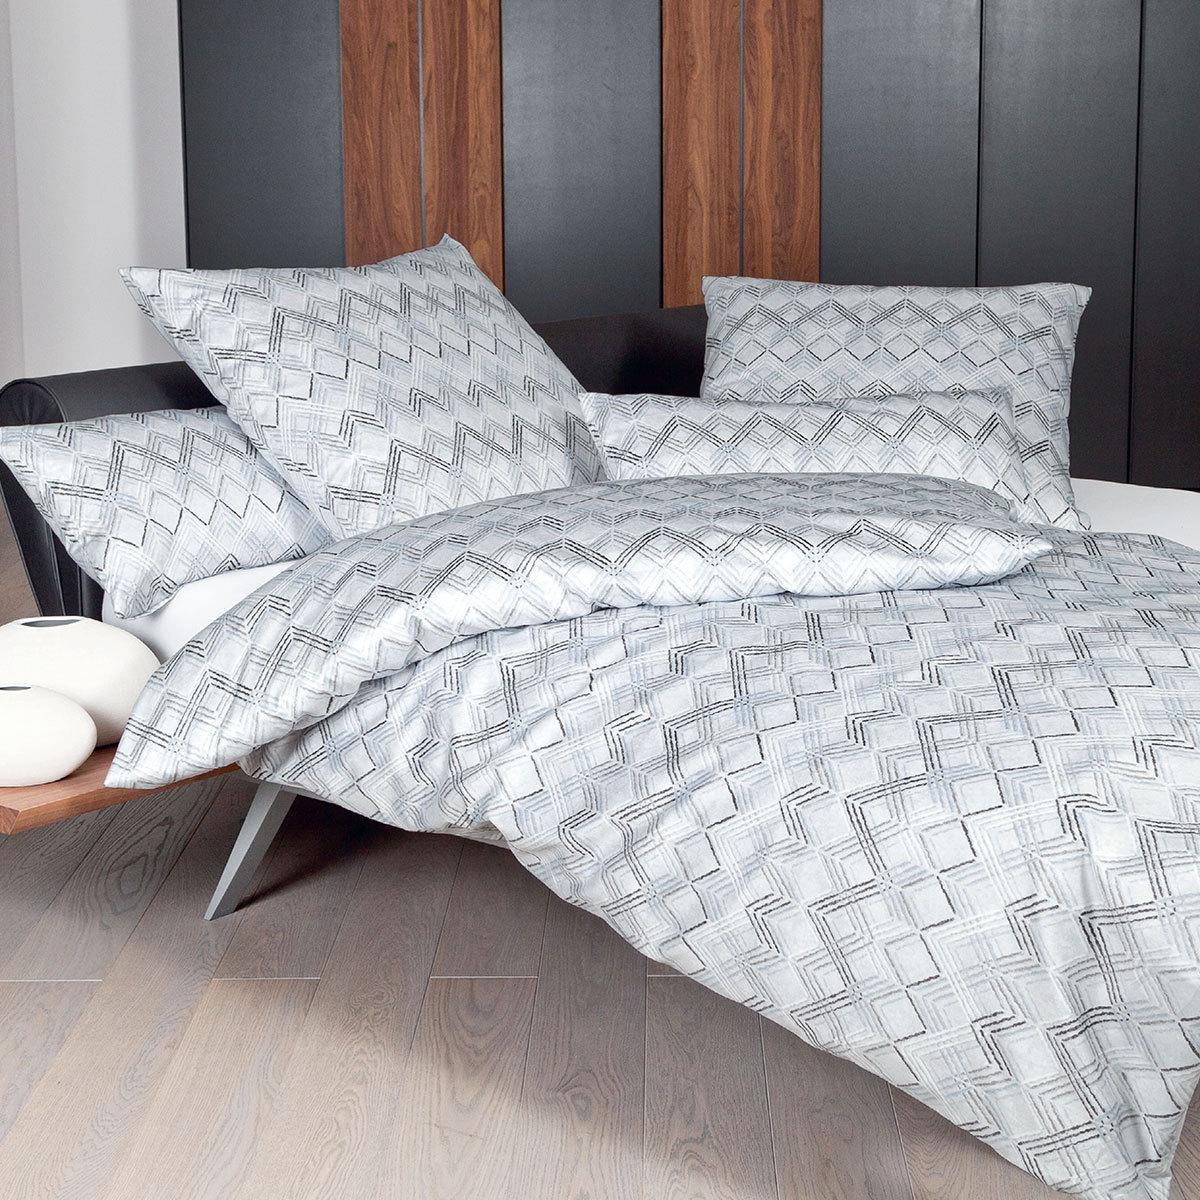 janine interlock feinjersey bettw sche carmen 53032 08 silber g nstig online kaufen bei. Black Bedroom Furniture Sets. Home Design Ideas